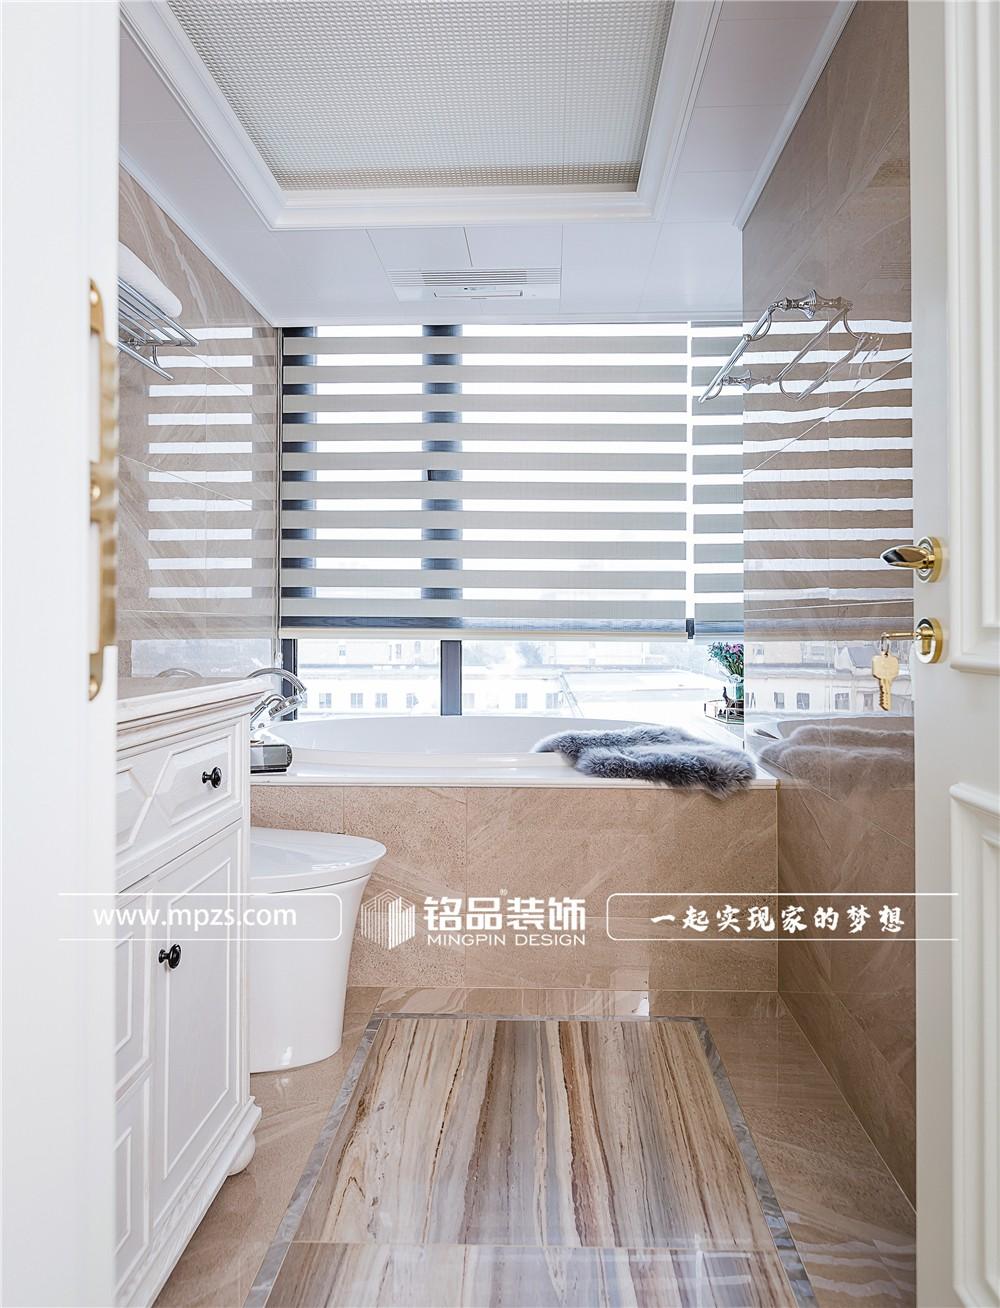 197平方米公寓毛坯新房轻奢混搭风格装修案例_效果图-杭州临安区苕溪河畔